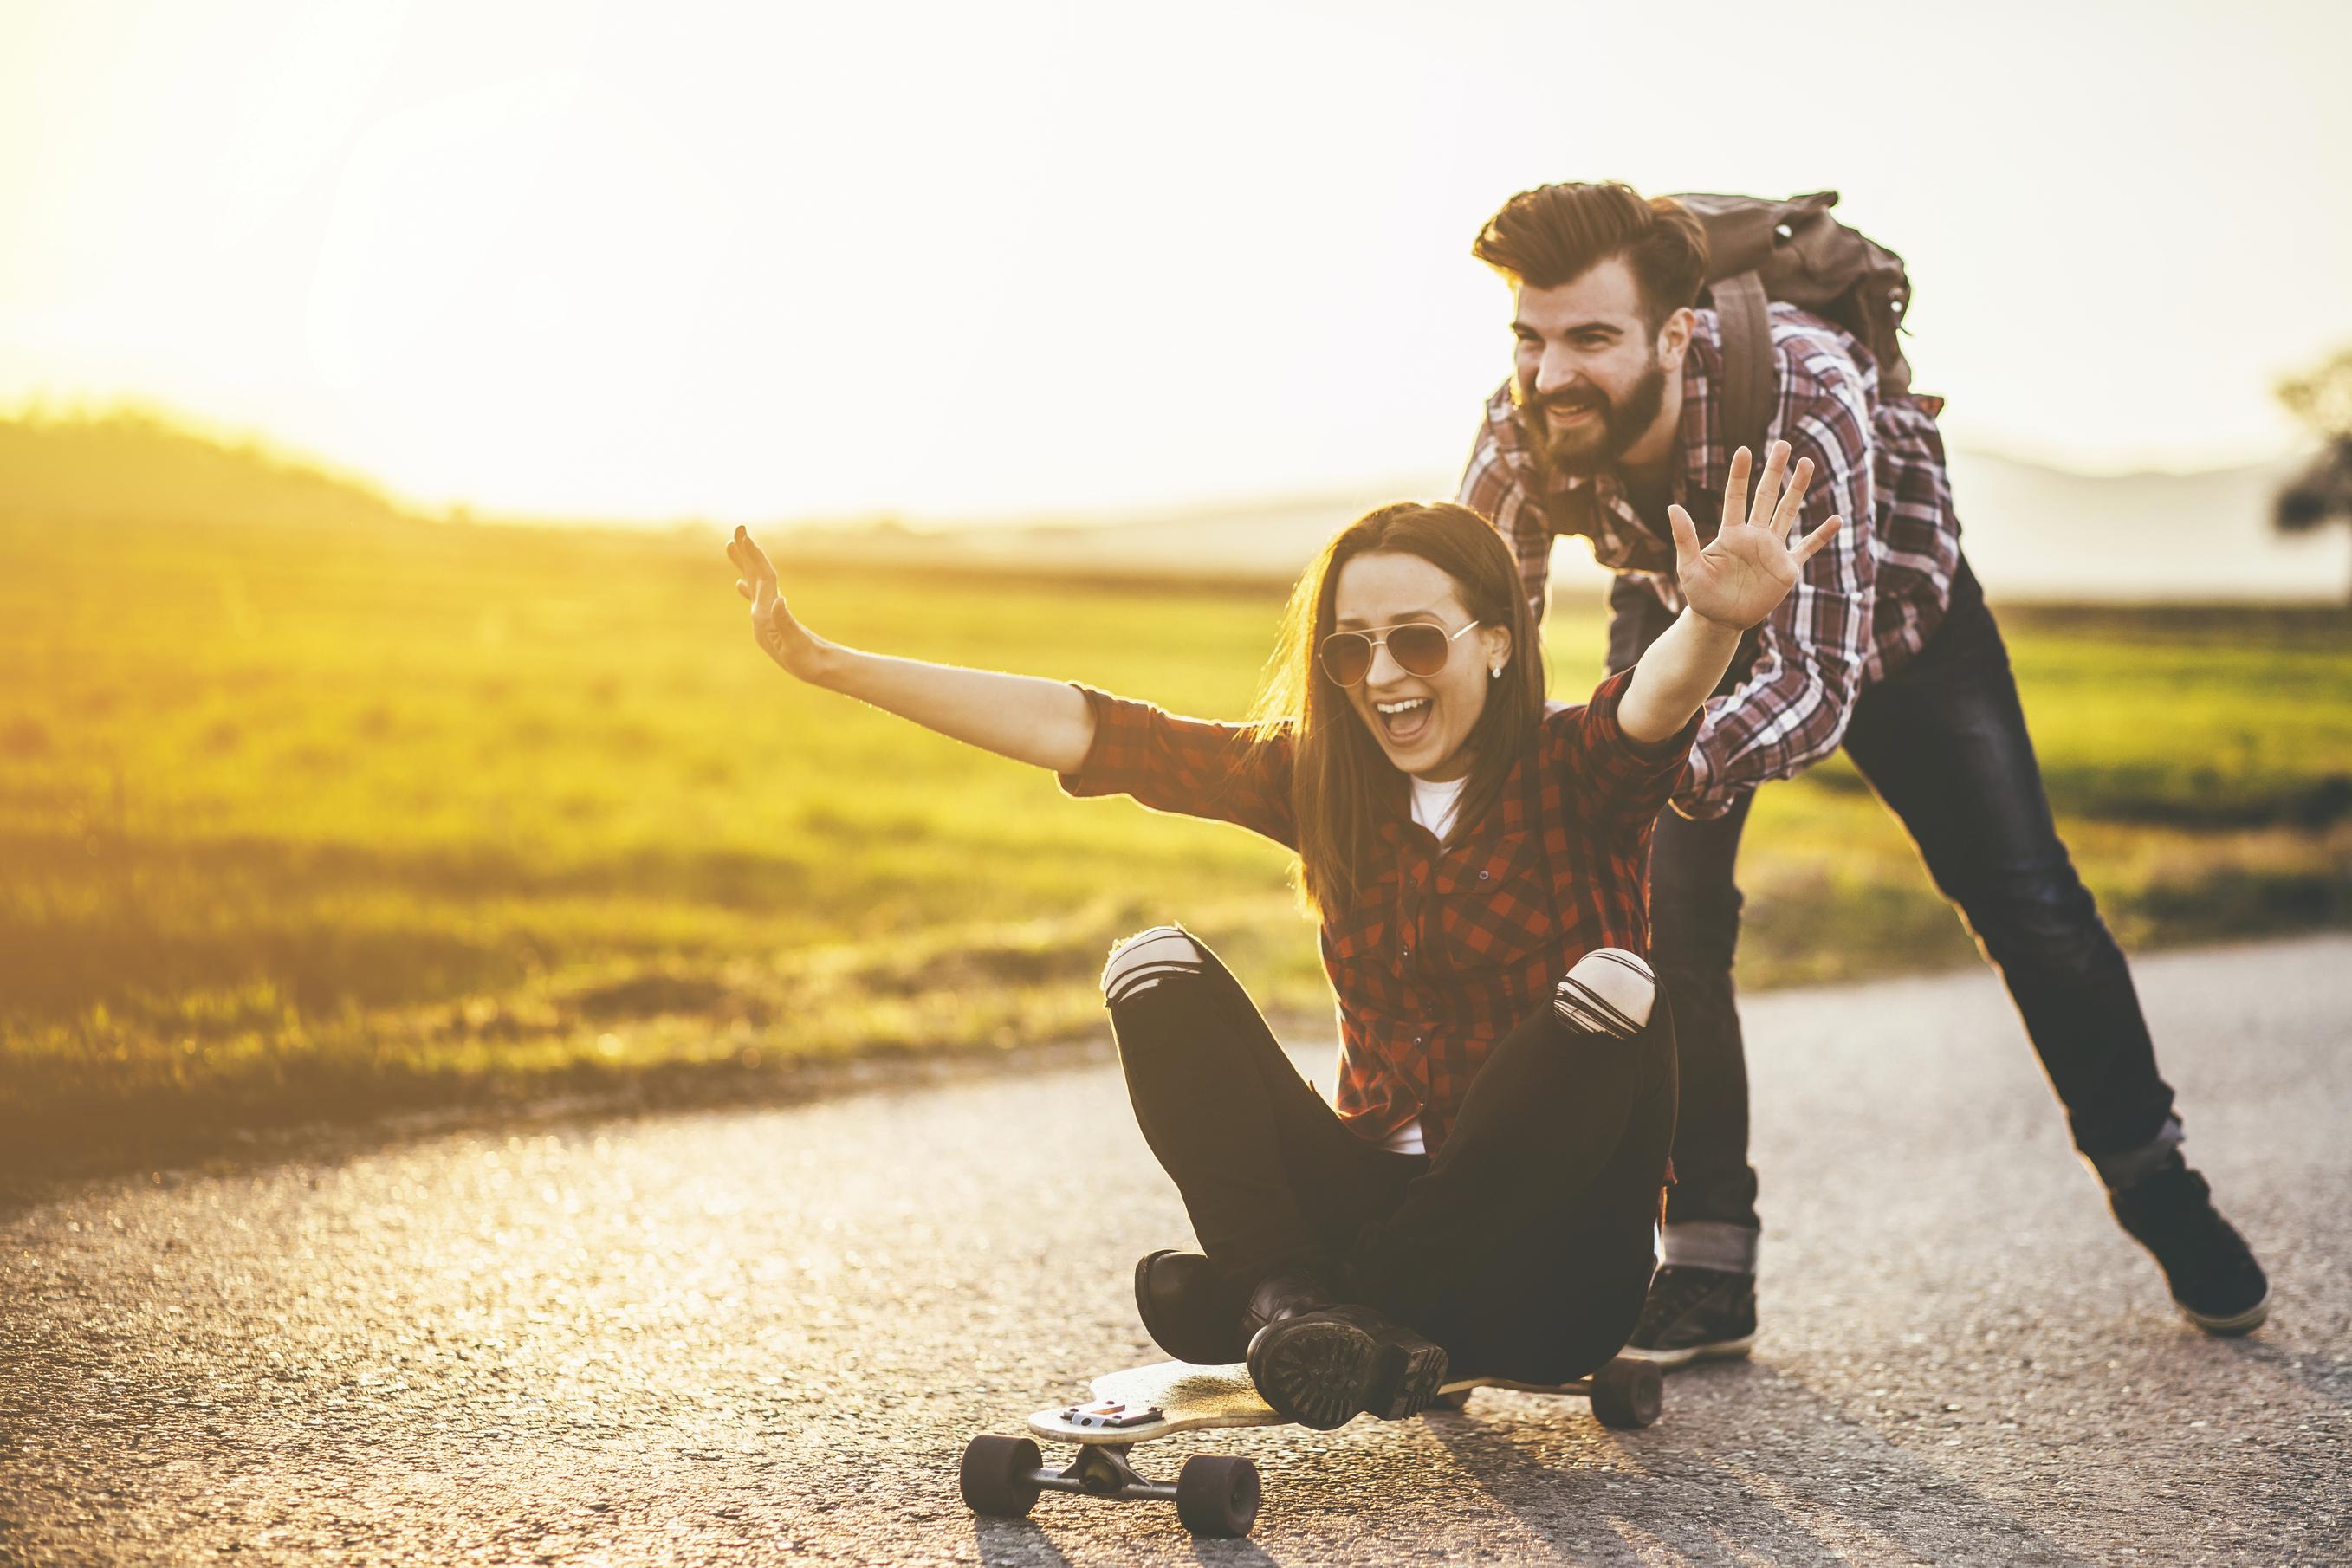 un novio empujando a su novia que esta sentada en una patineta